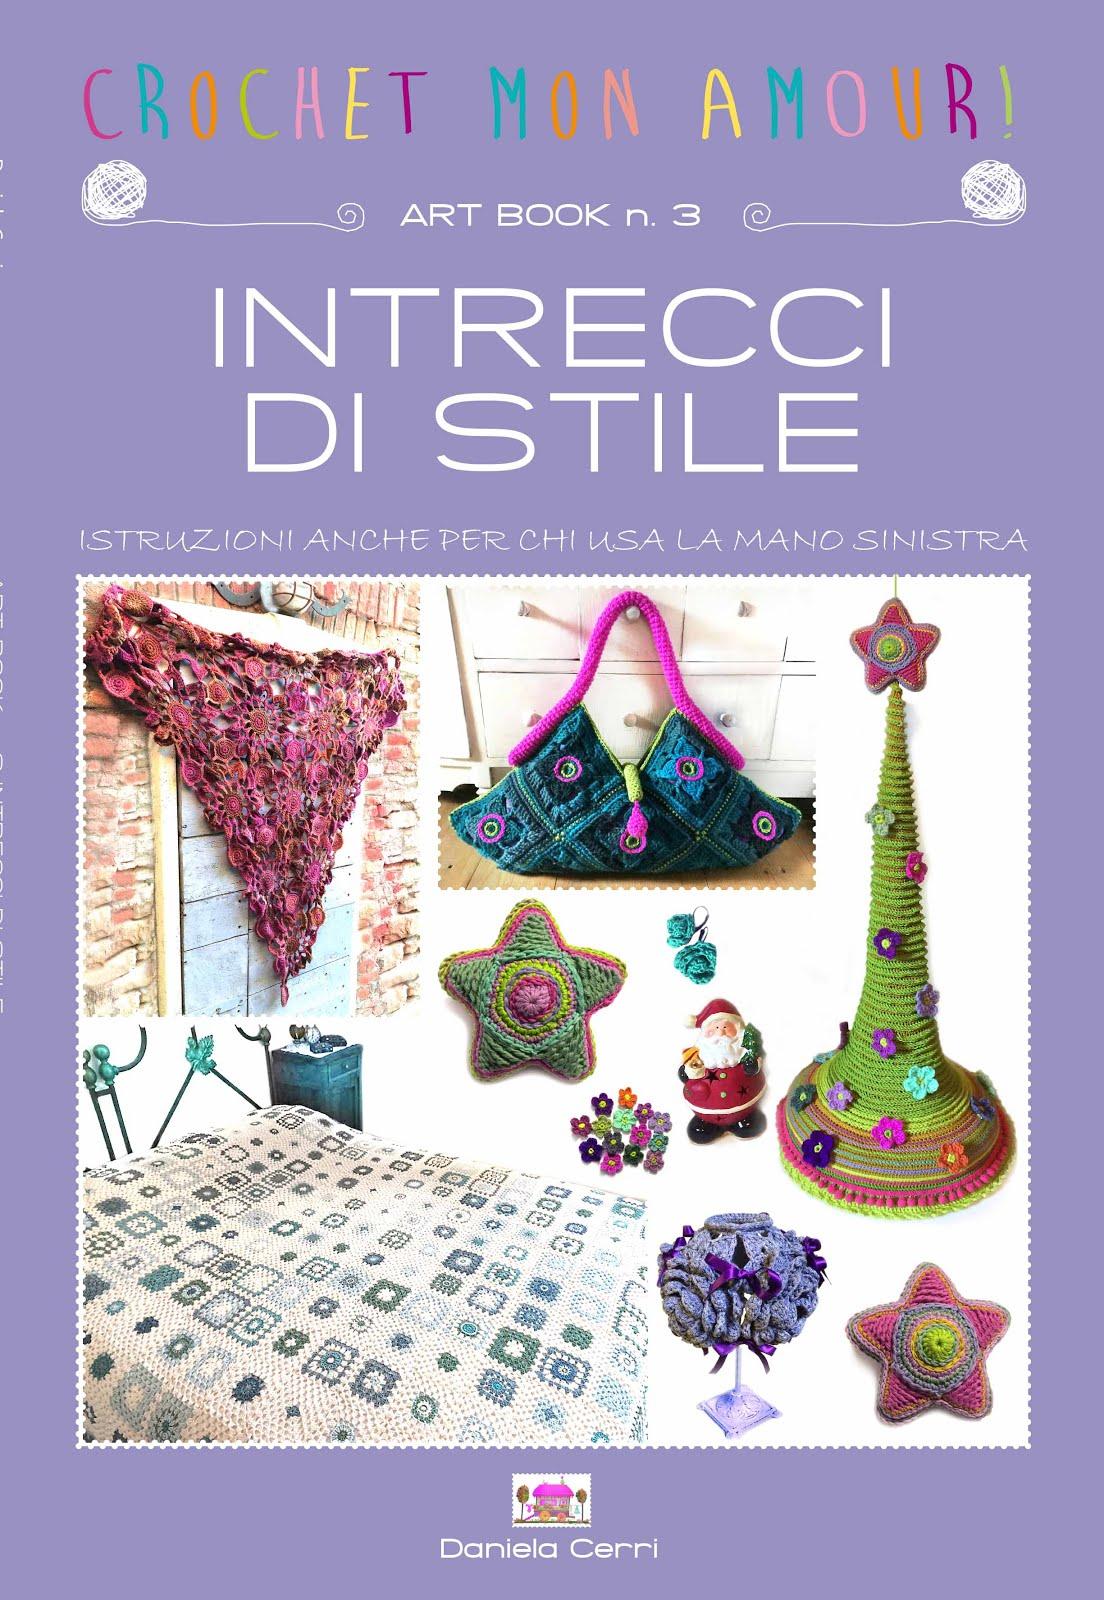 PUBBLICAZIONE: ART-BOOK n. 3: INTRECCI DI STILE - AUTODISTRIBUITO